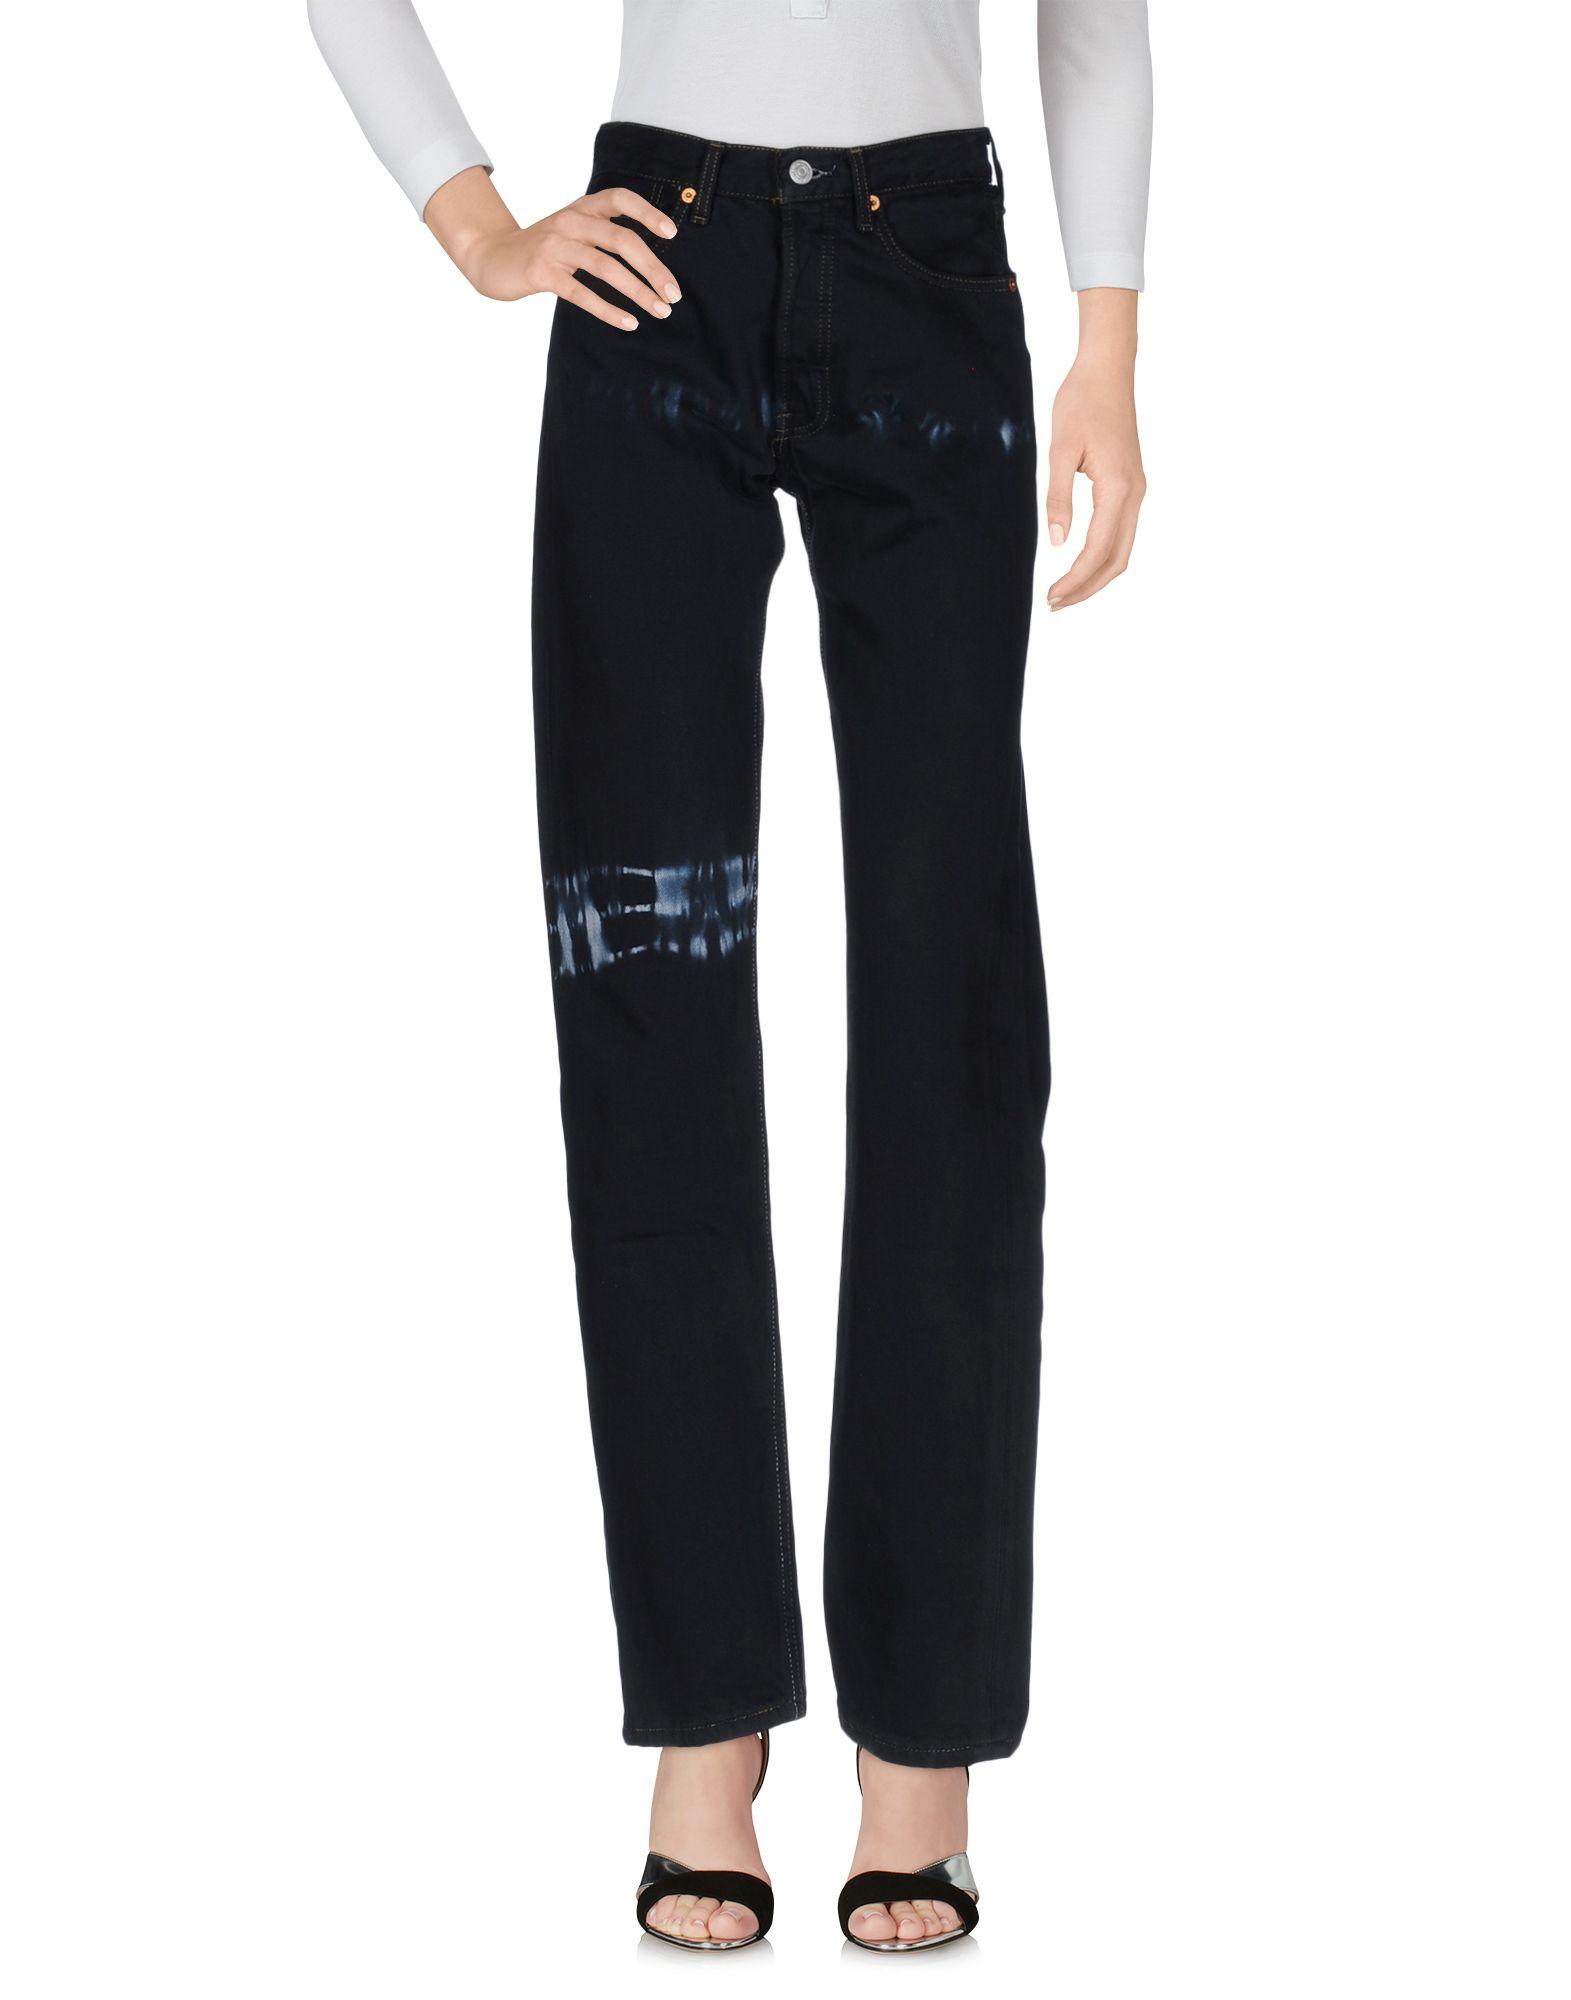 BLACKYOTO Jeans in Black